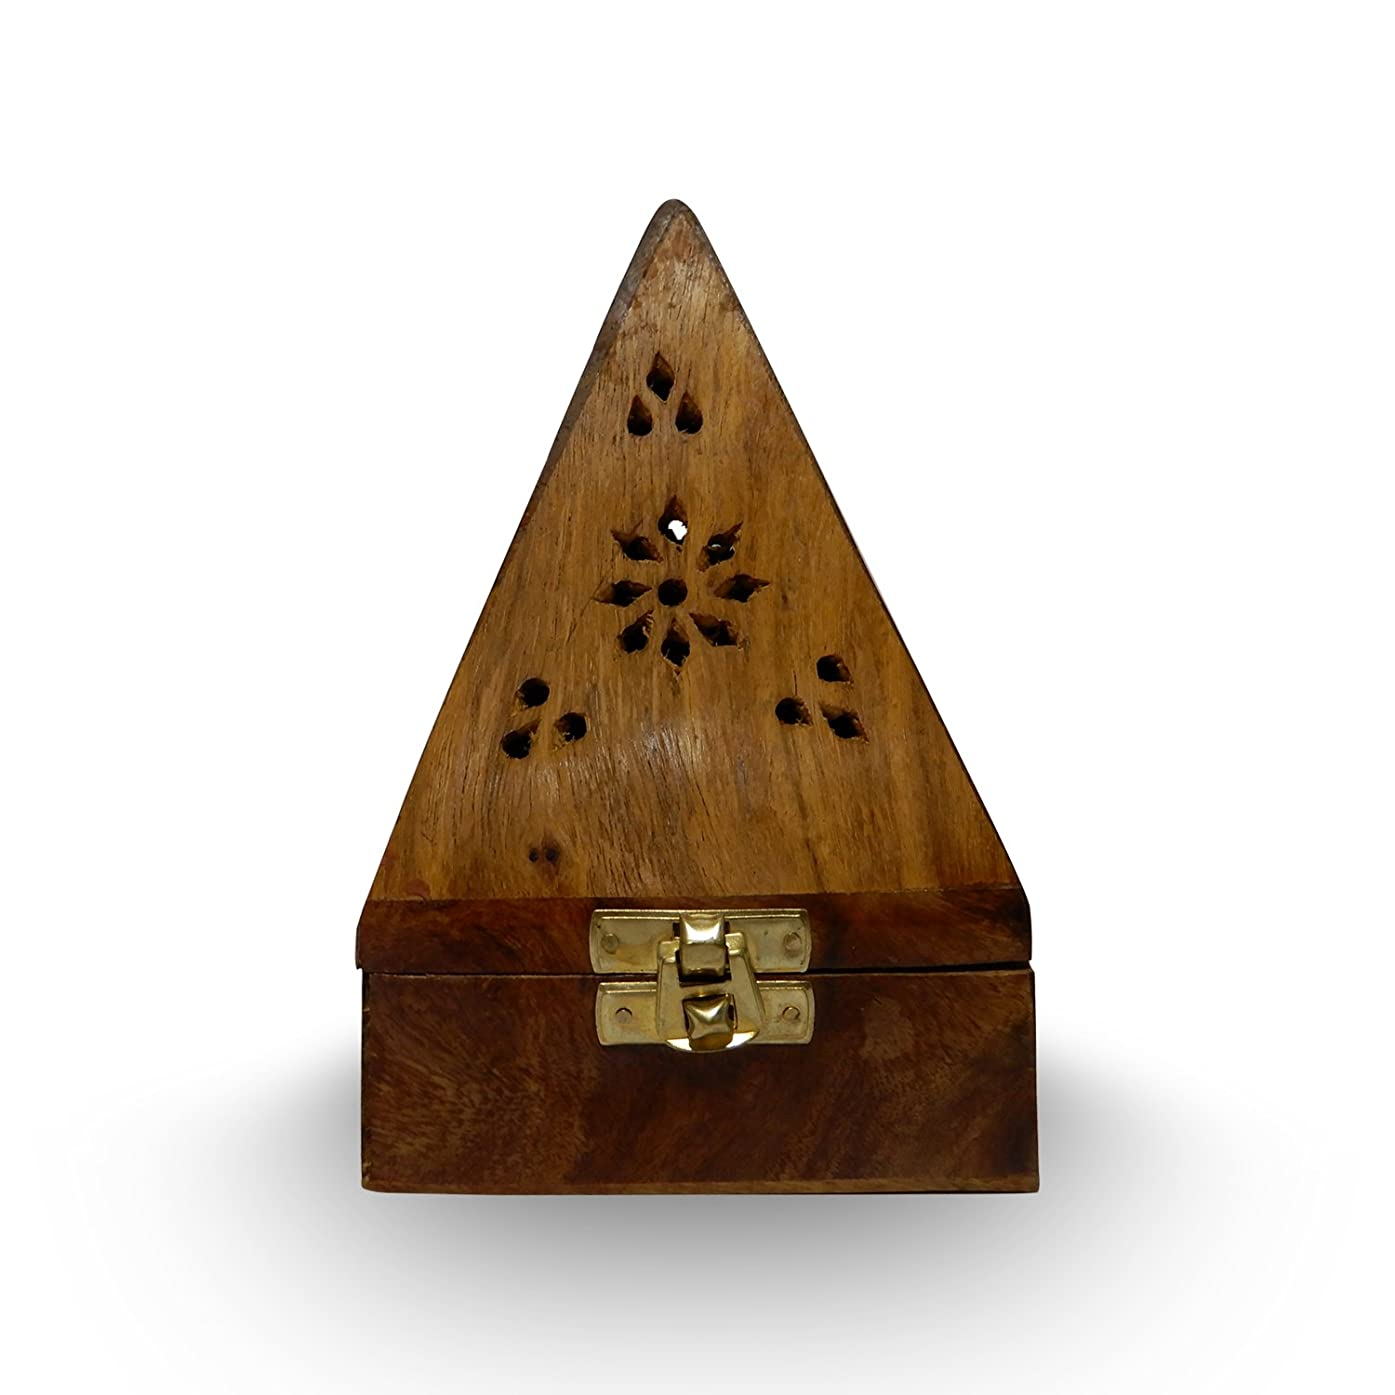 ブロンズレタッチ成長木製クラシックピラミッドスタイルBurner ( Dhoopホルダー) with Base正方形とトップ円錐形状、木製香炉ボックス